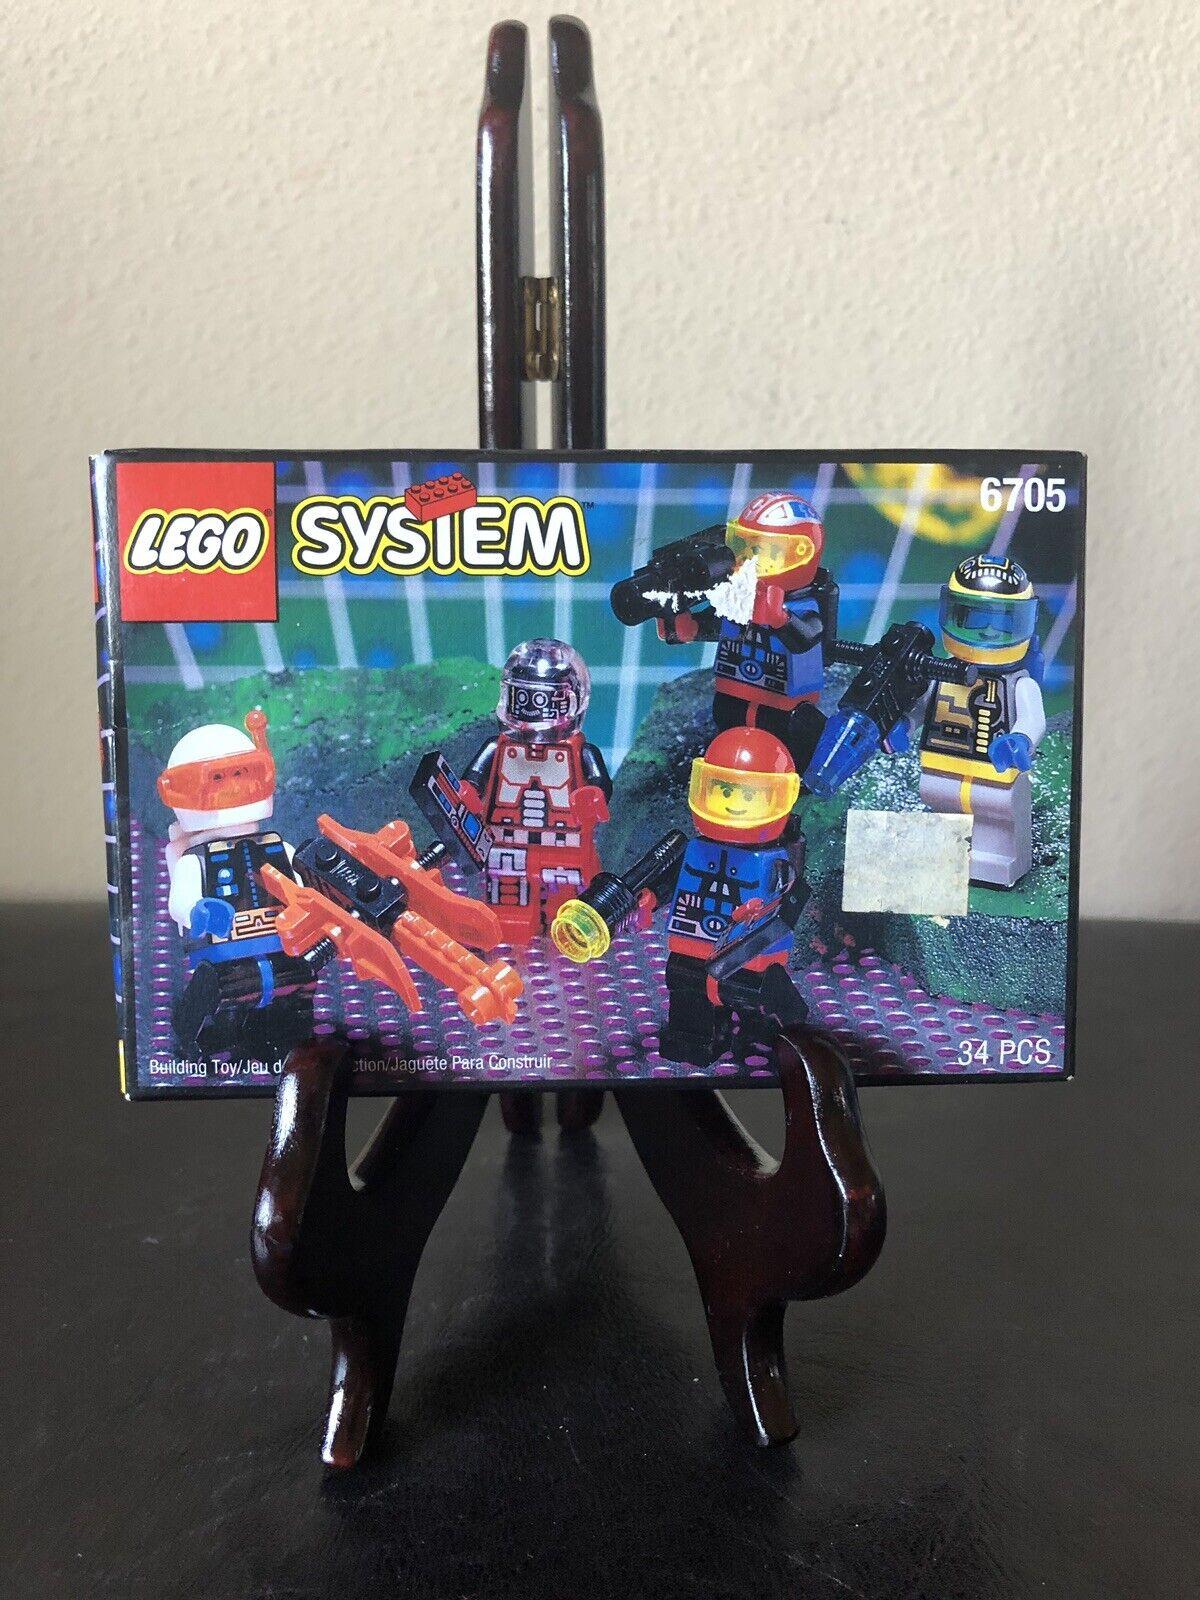 SUPER RARE SEALED  Lego 6705 spazio Explorers - 34 Pcs  prendiamo i clienti come nostro dio